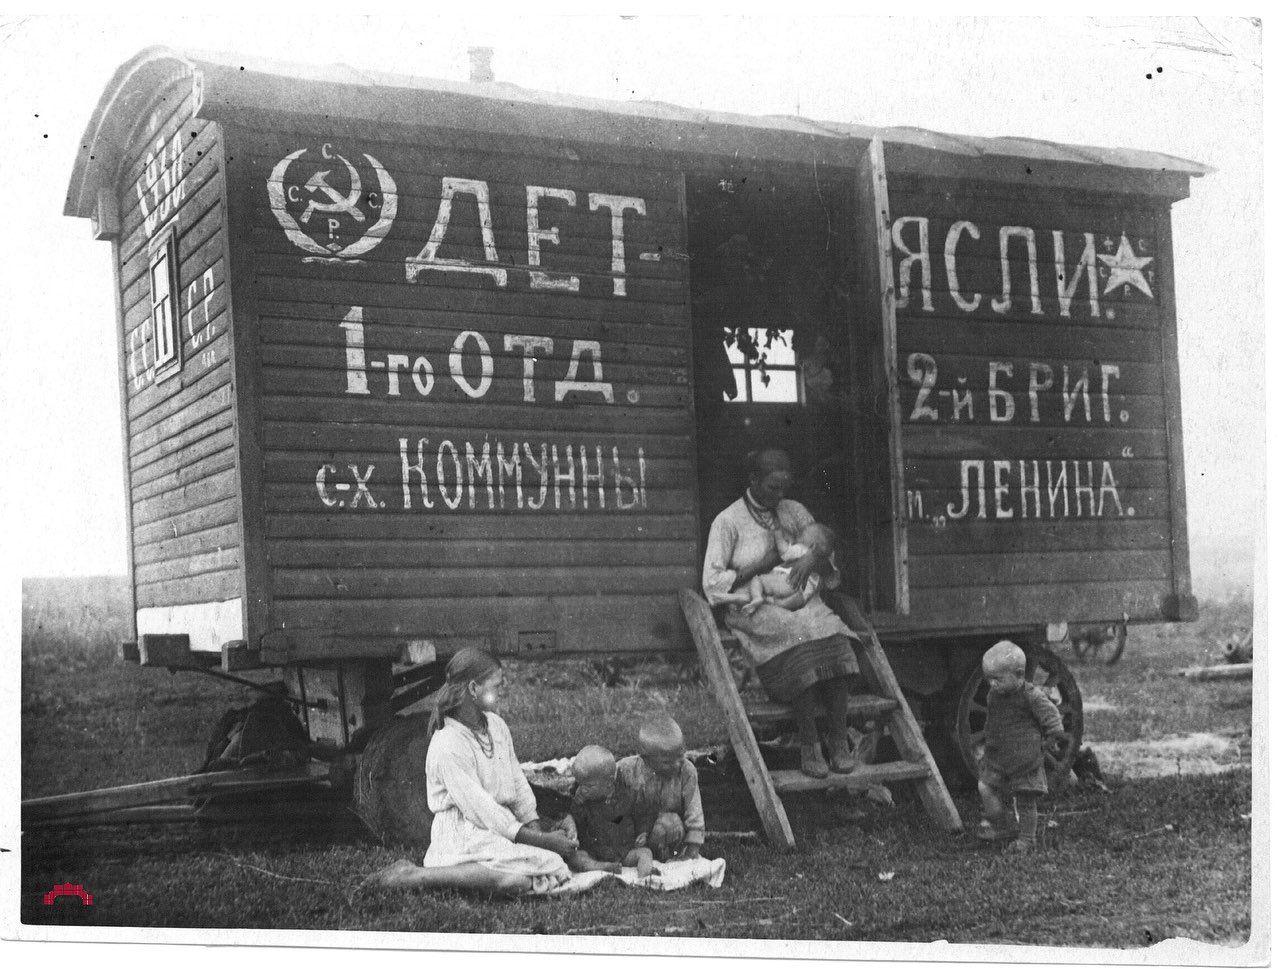 Полевые ясли 2-ой бригады сельскохозяйственной коммуны им. Ленина. Калачёвский район. Июль 1932 года